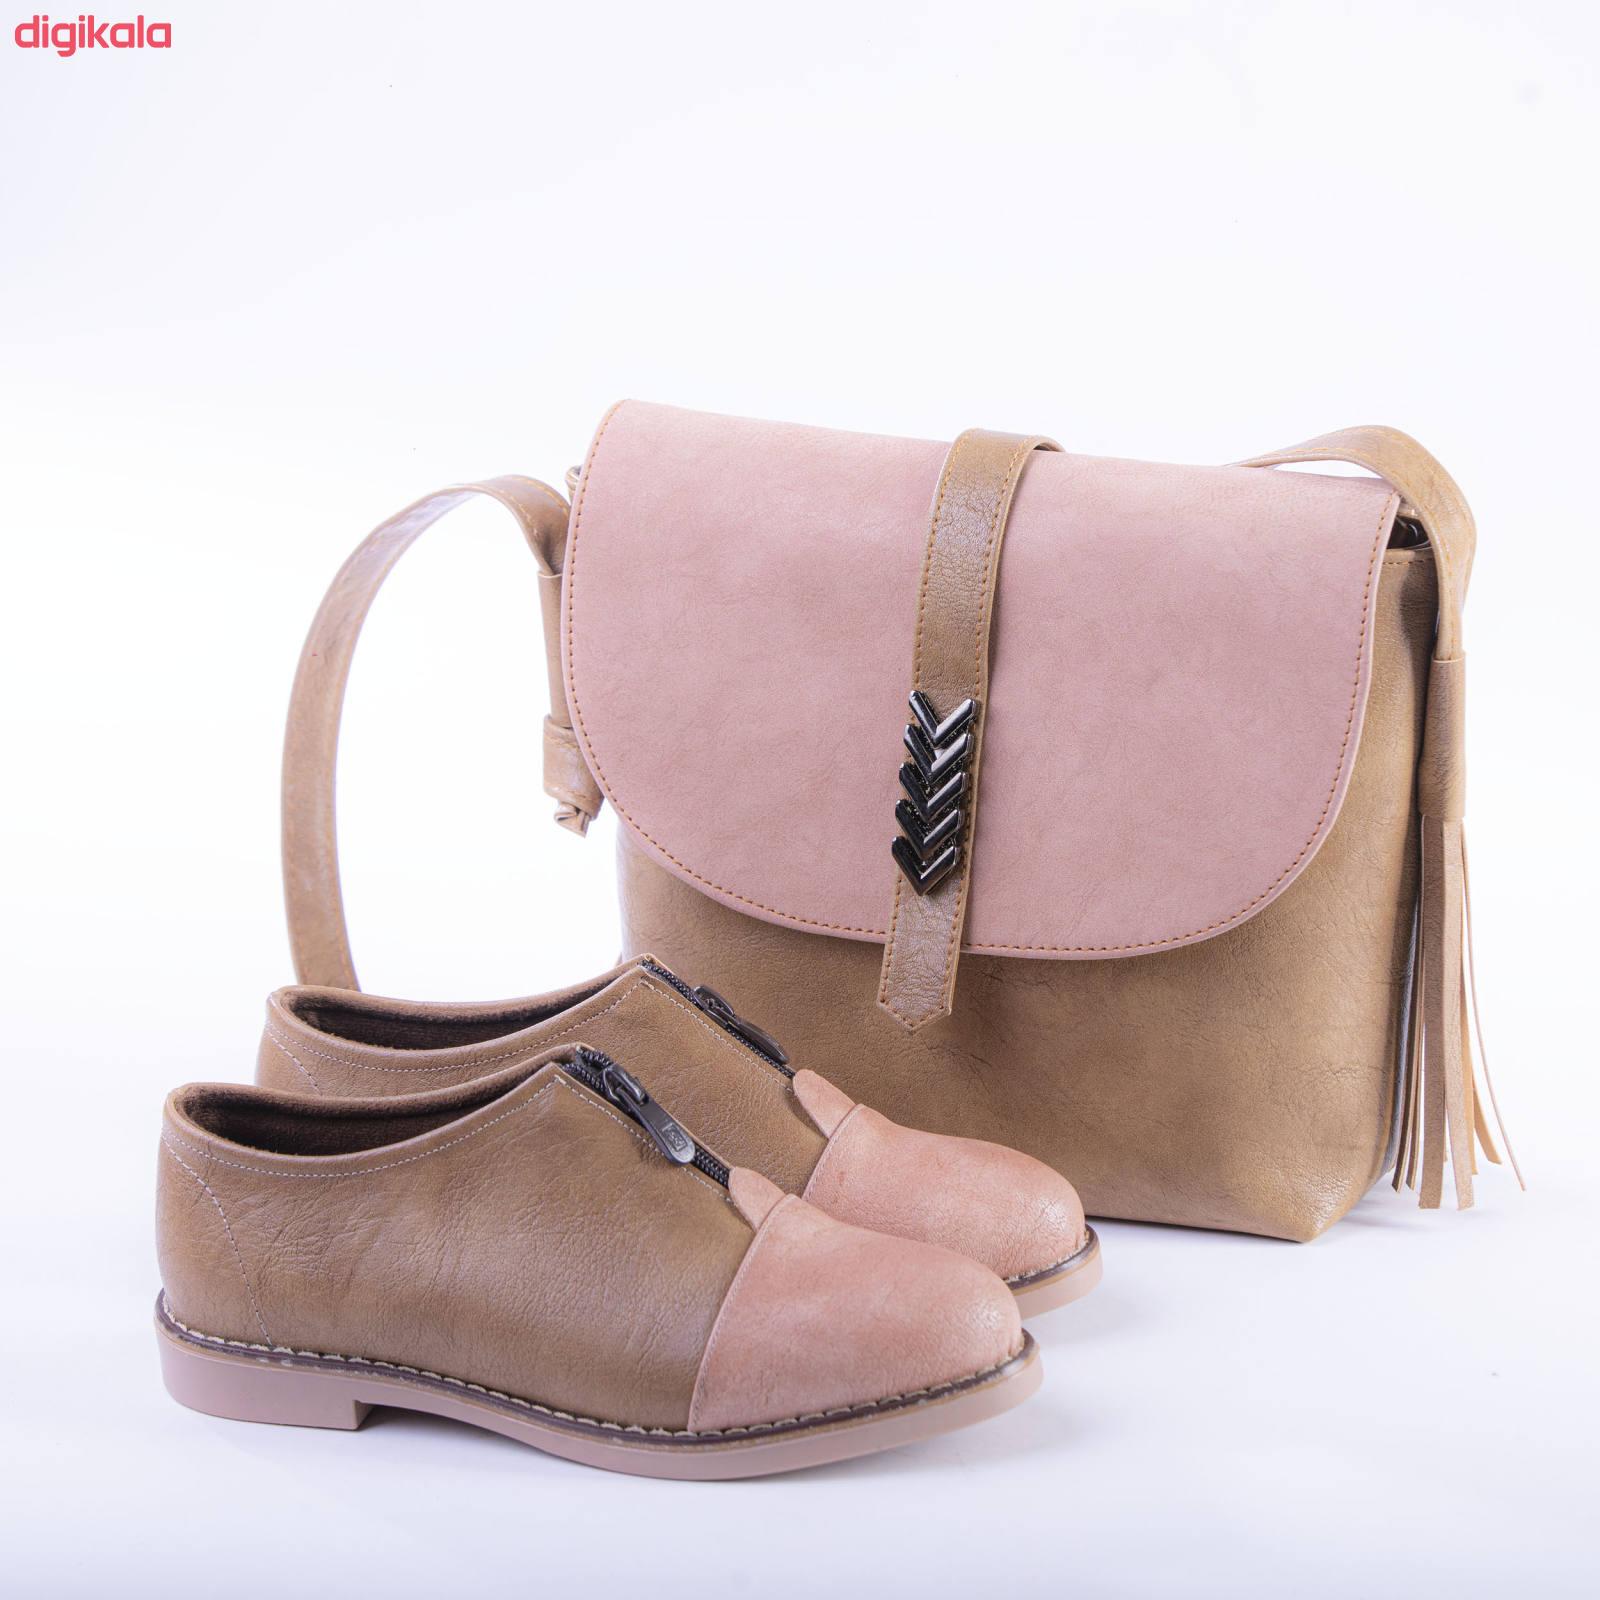 ست کیف و کفش زنانه مدل 001 main 1 2